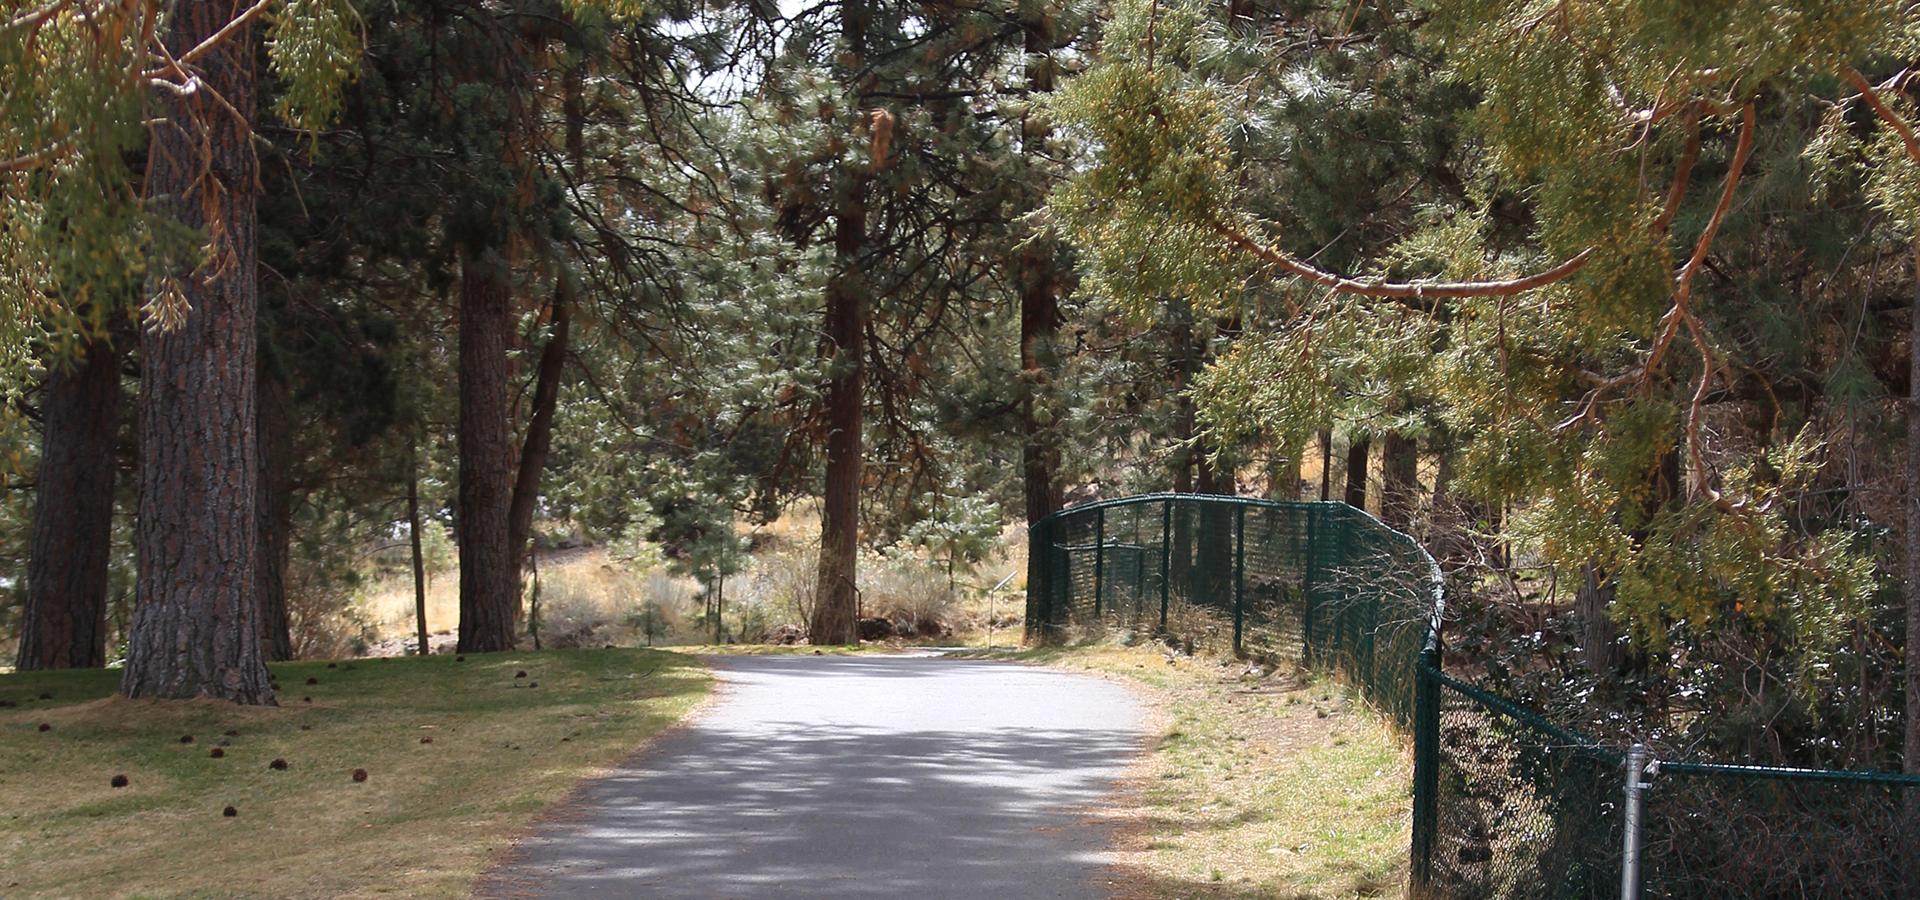 Image of Coyner Trail in Bend, Oregon.